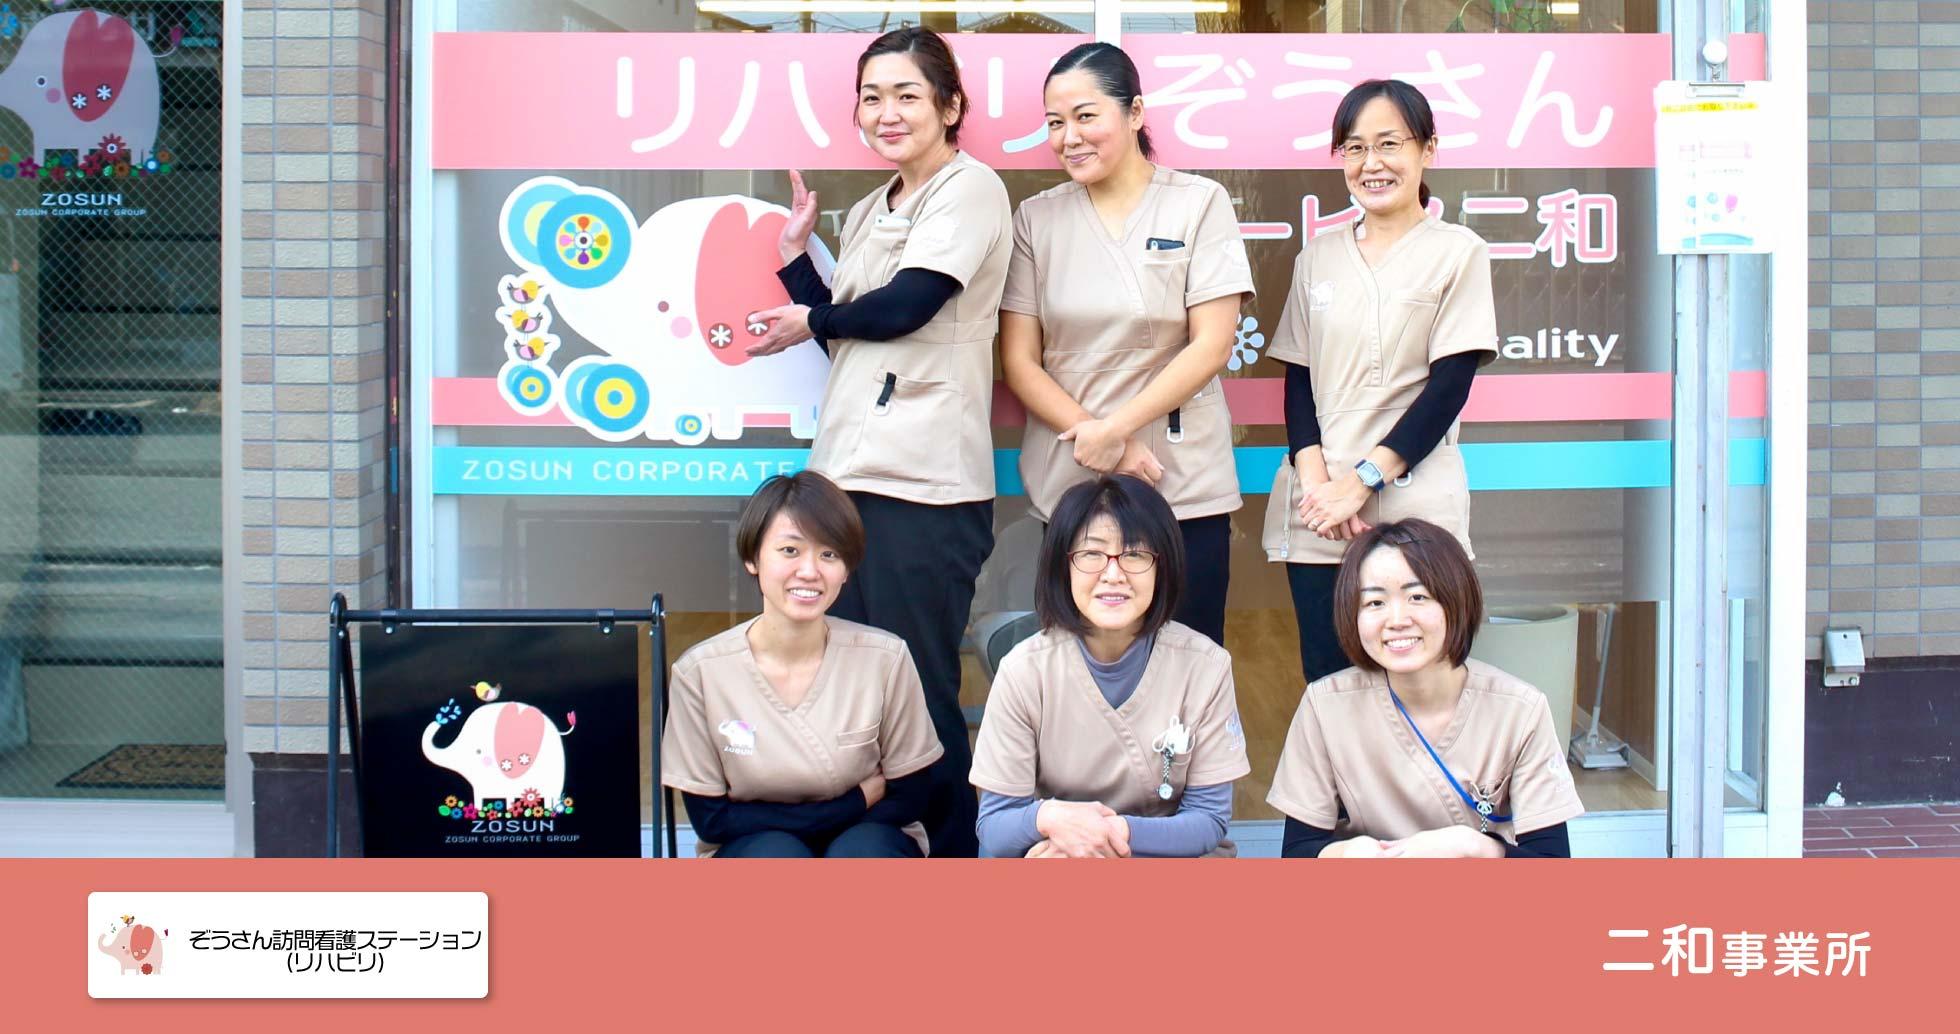 ぞうさん訪問看護ステーション(千葉県船橋市)